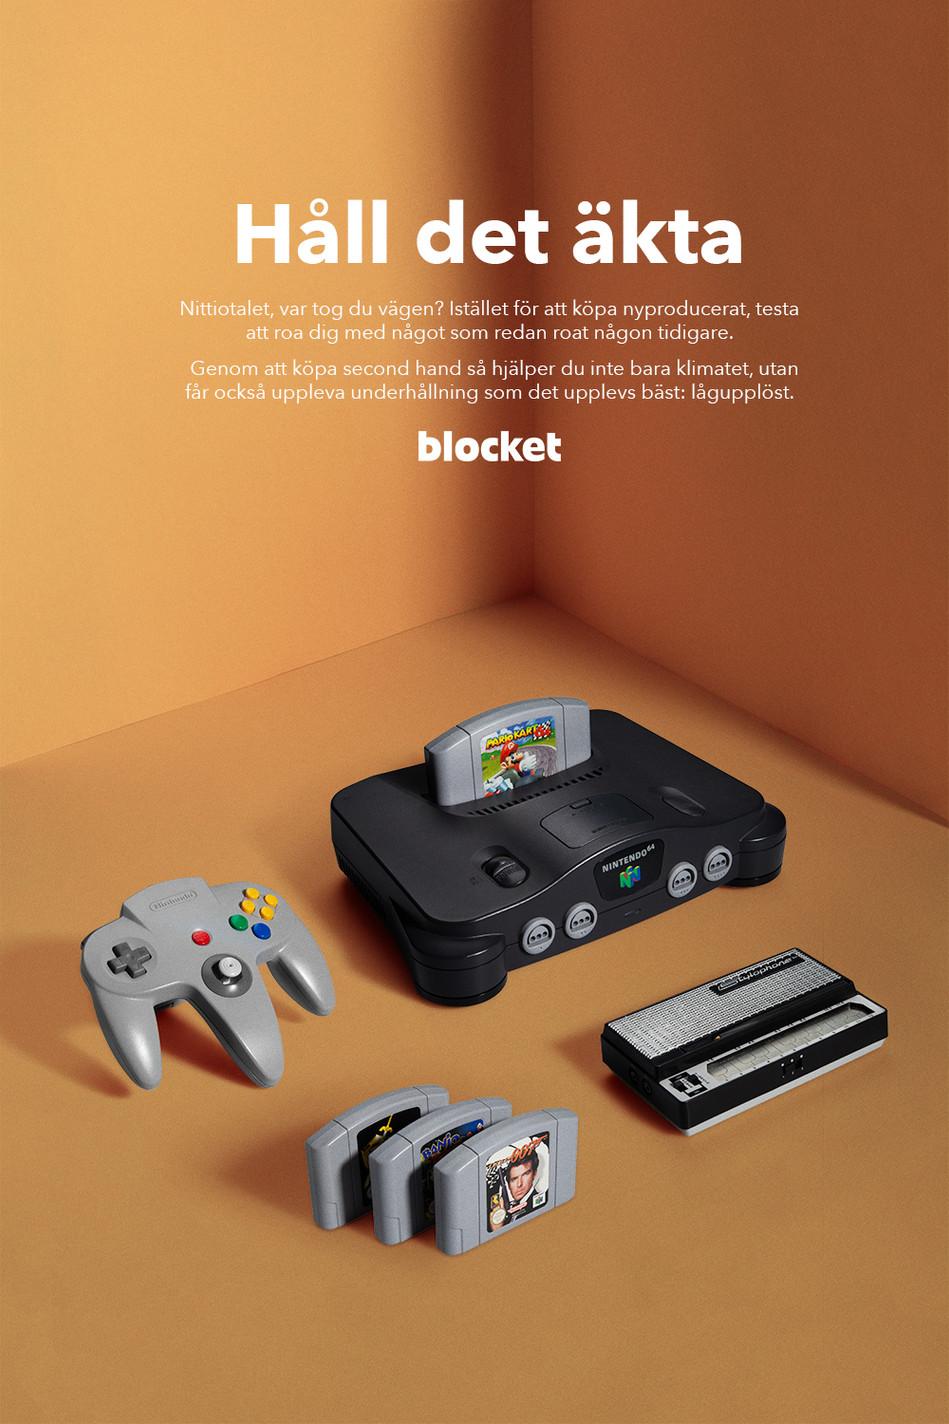 spel_affisch_uppdaterad2.jpg